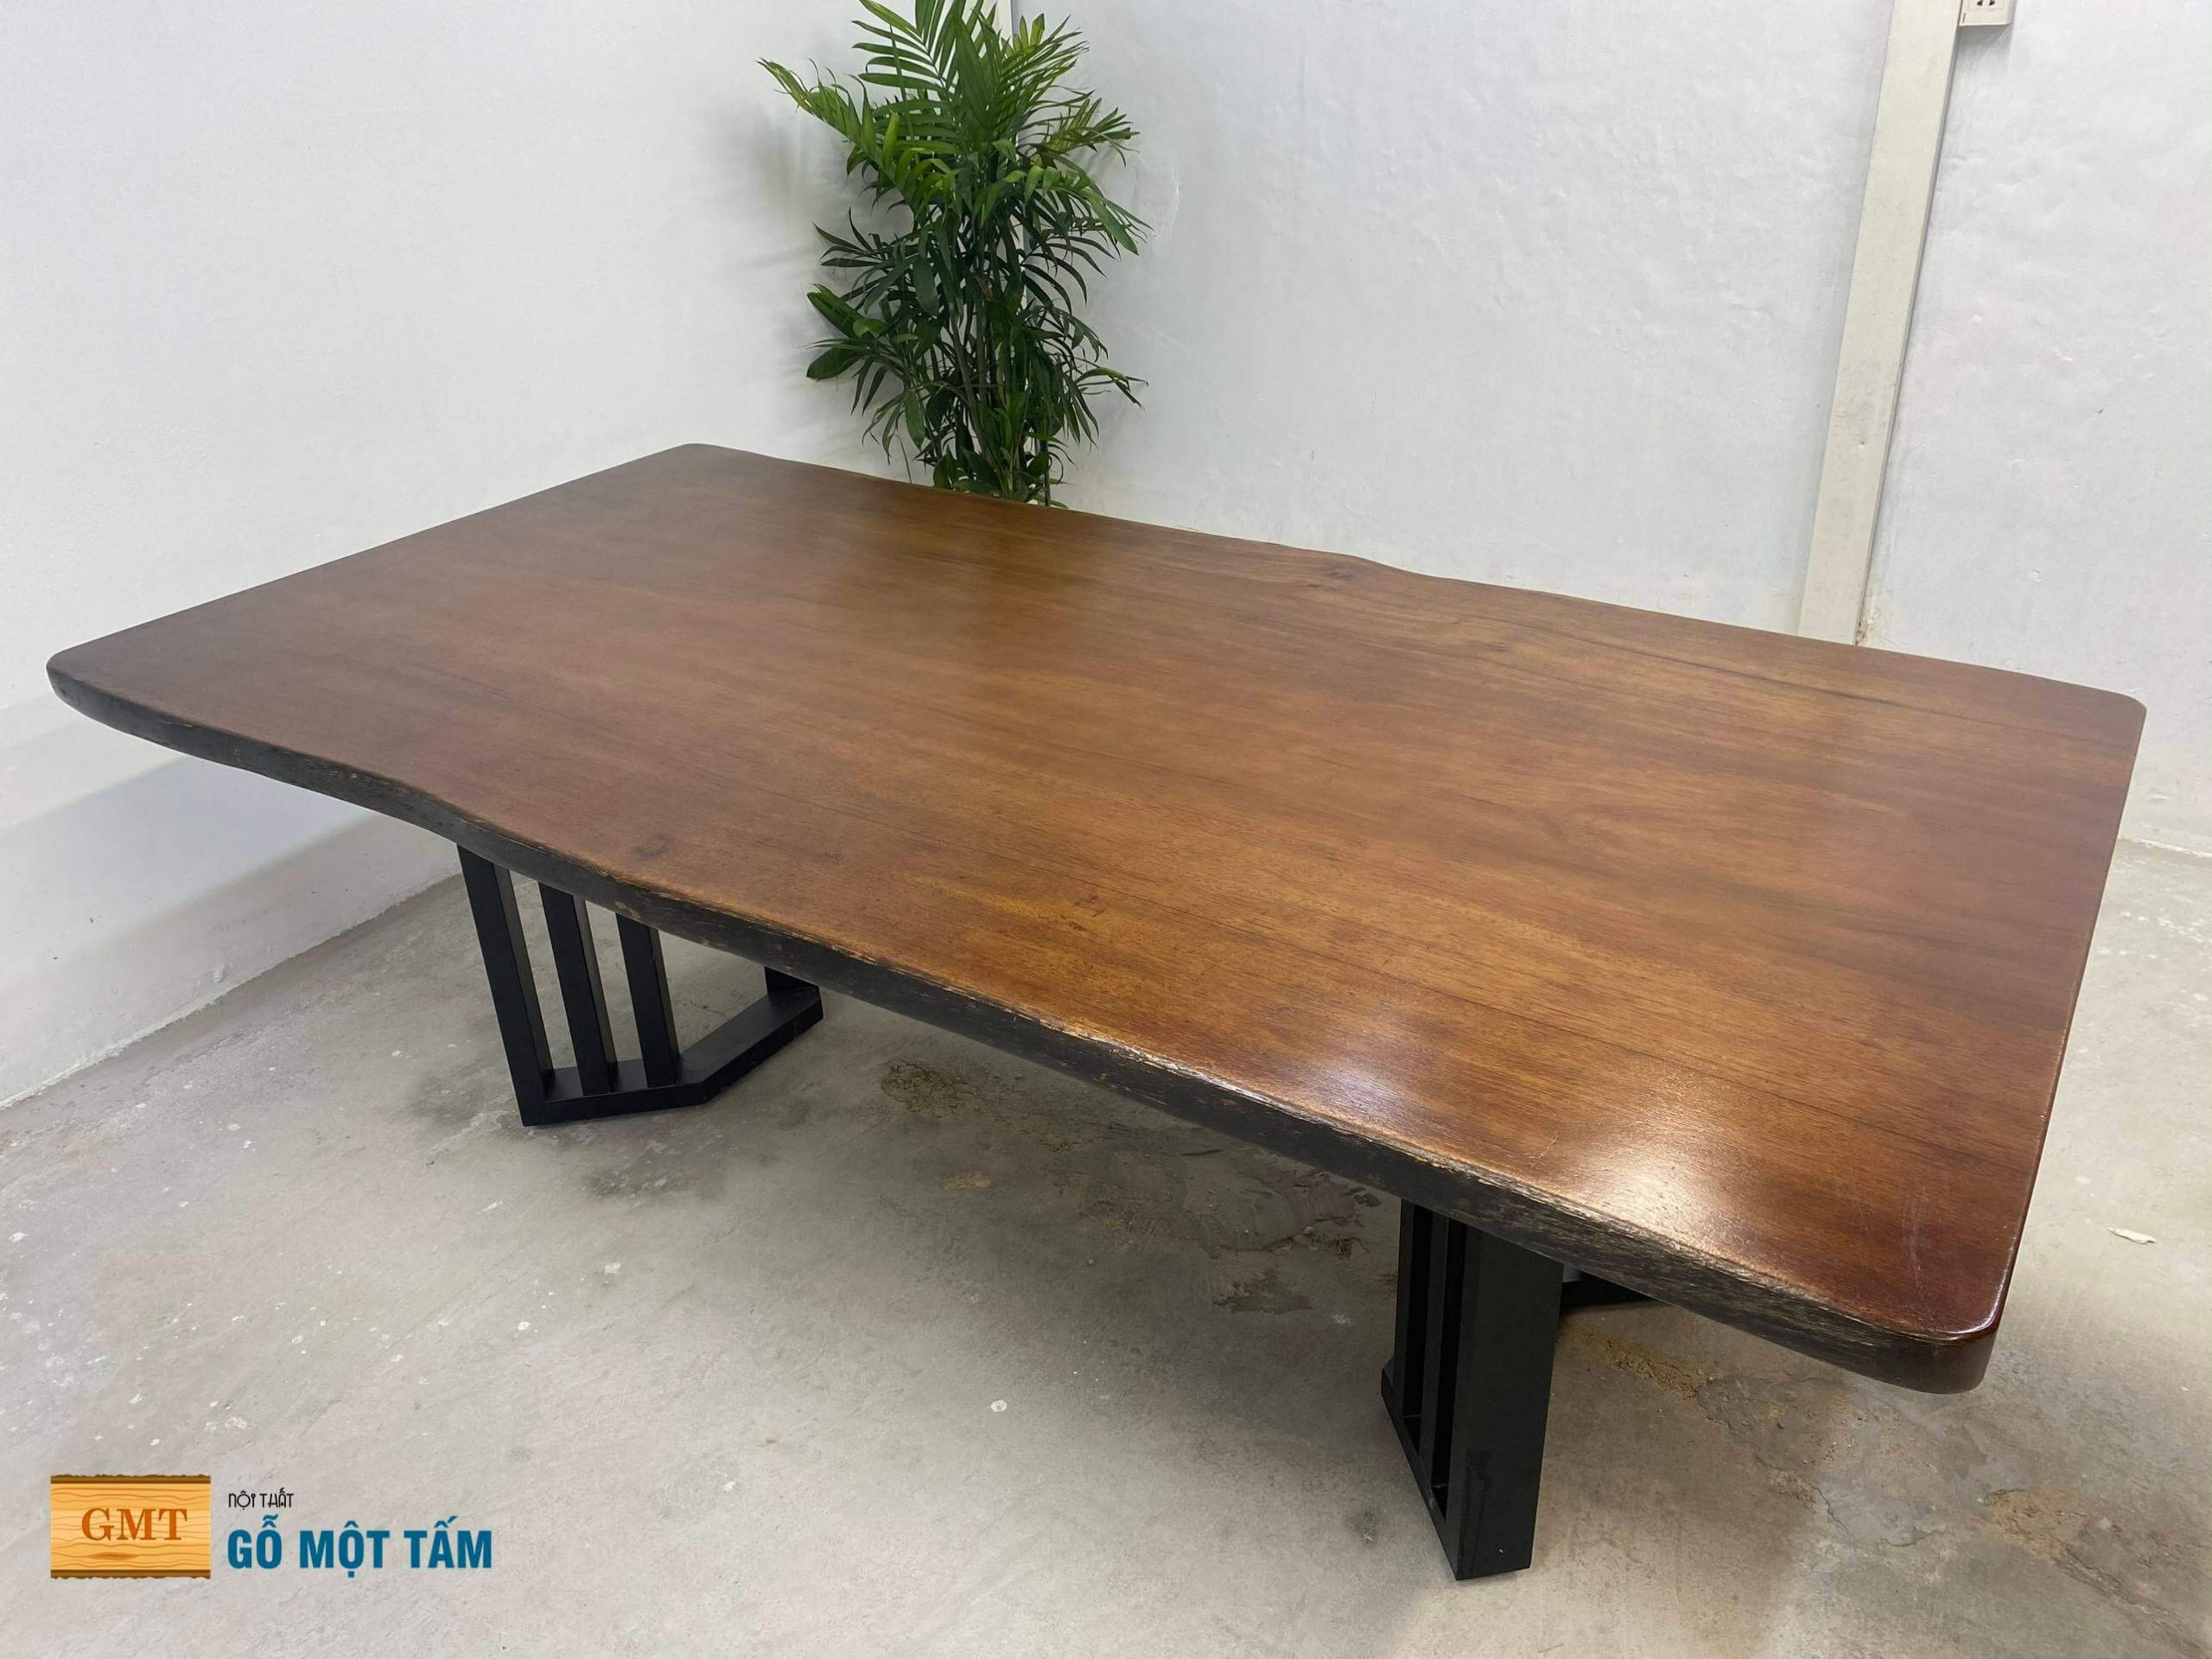 bàn gỗ lim tự nhiên nguyên tấm